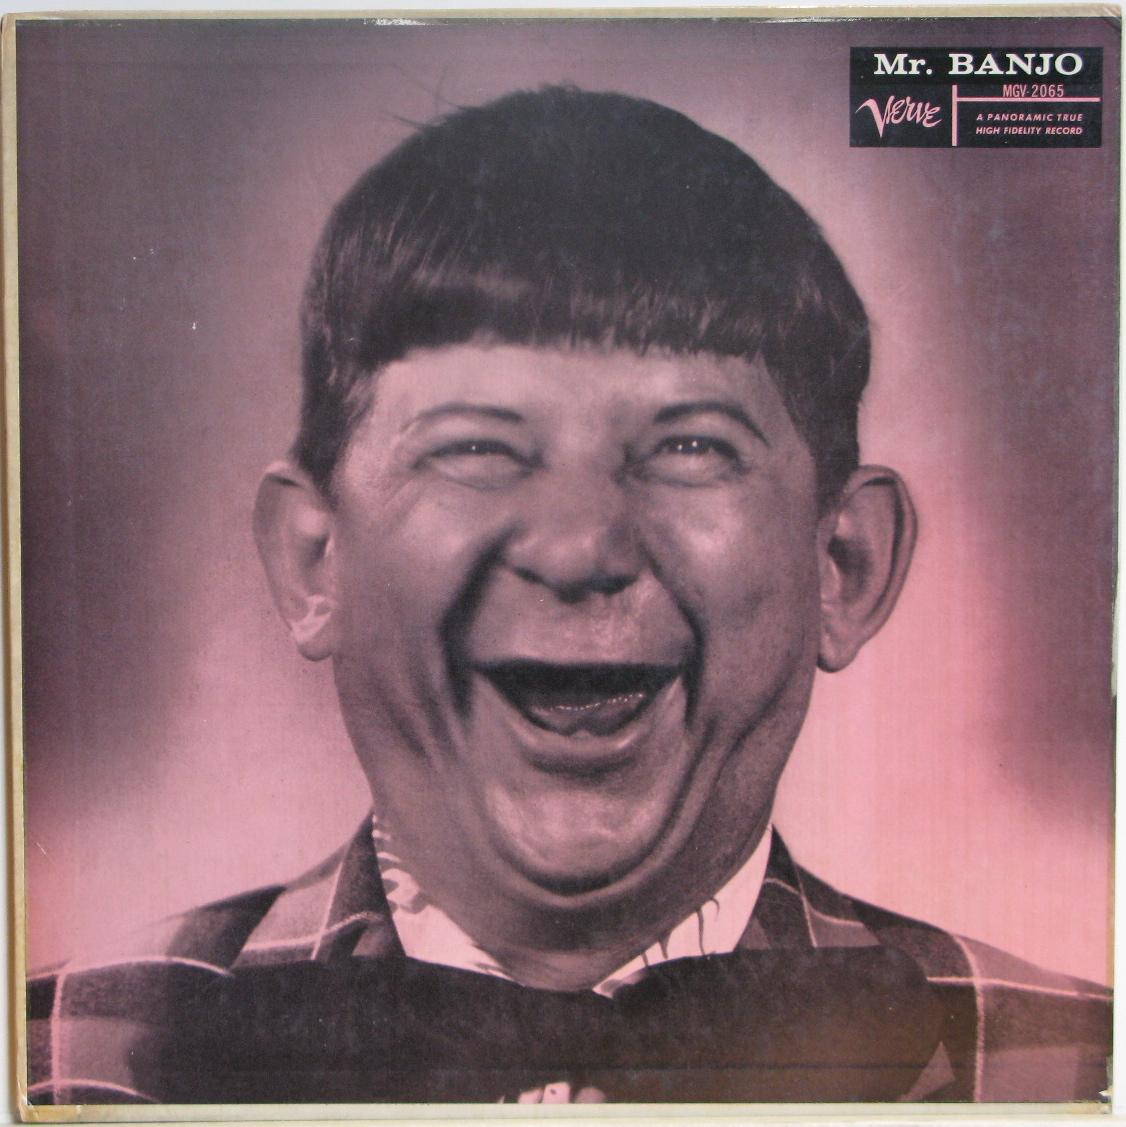 Mr banjo